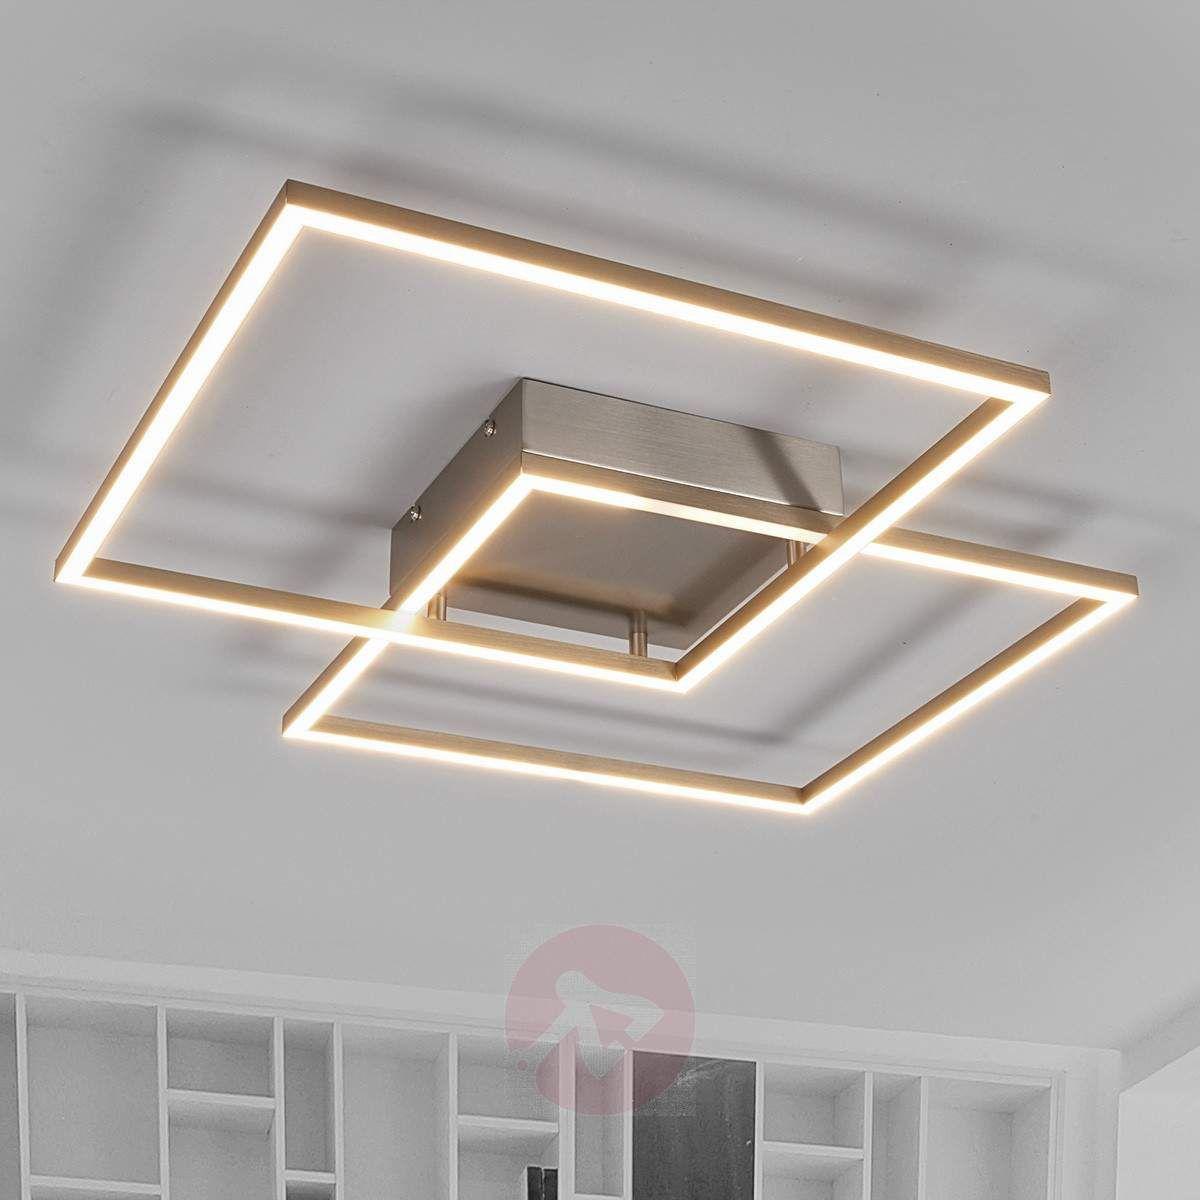 Plafonnier Led Mirac Au Design Interessant Avec Images Plafonnier Led Plafonnier Luminaire Plafond